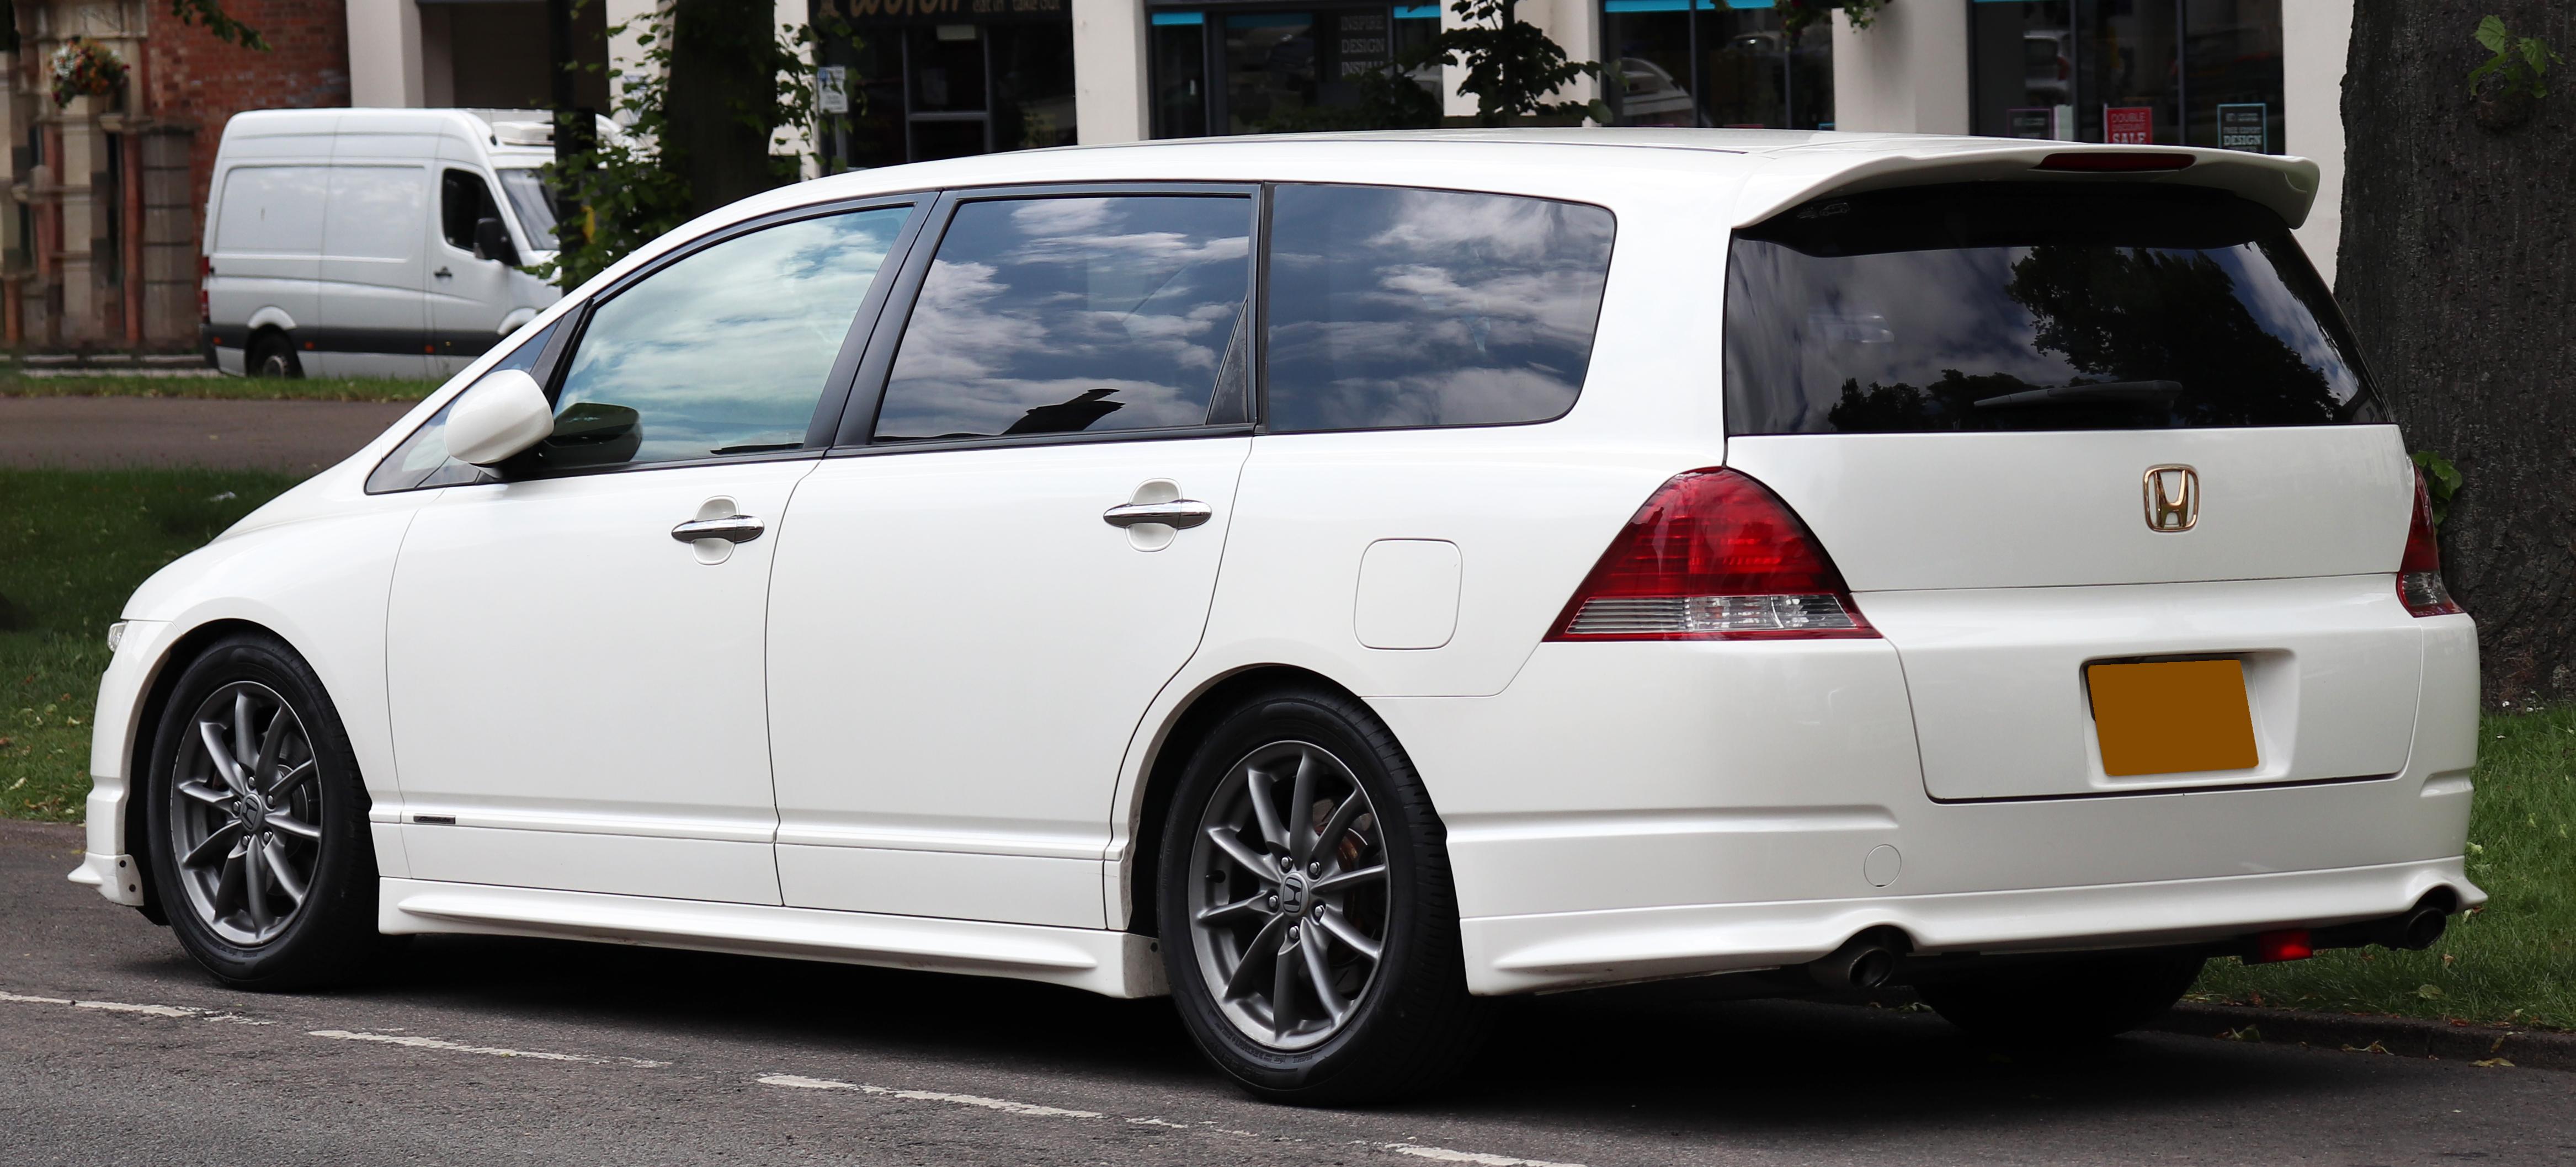 Kelebihan Kekurangan Honda Odyssey 2005 Harga